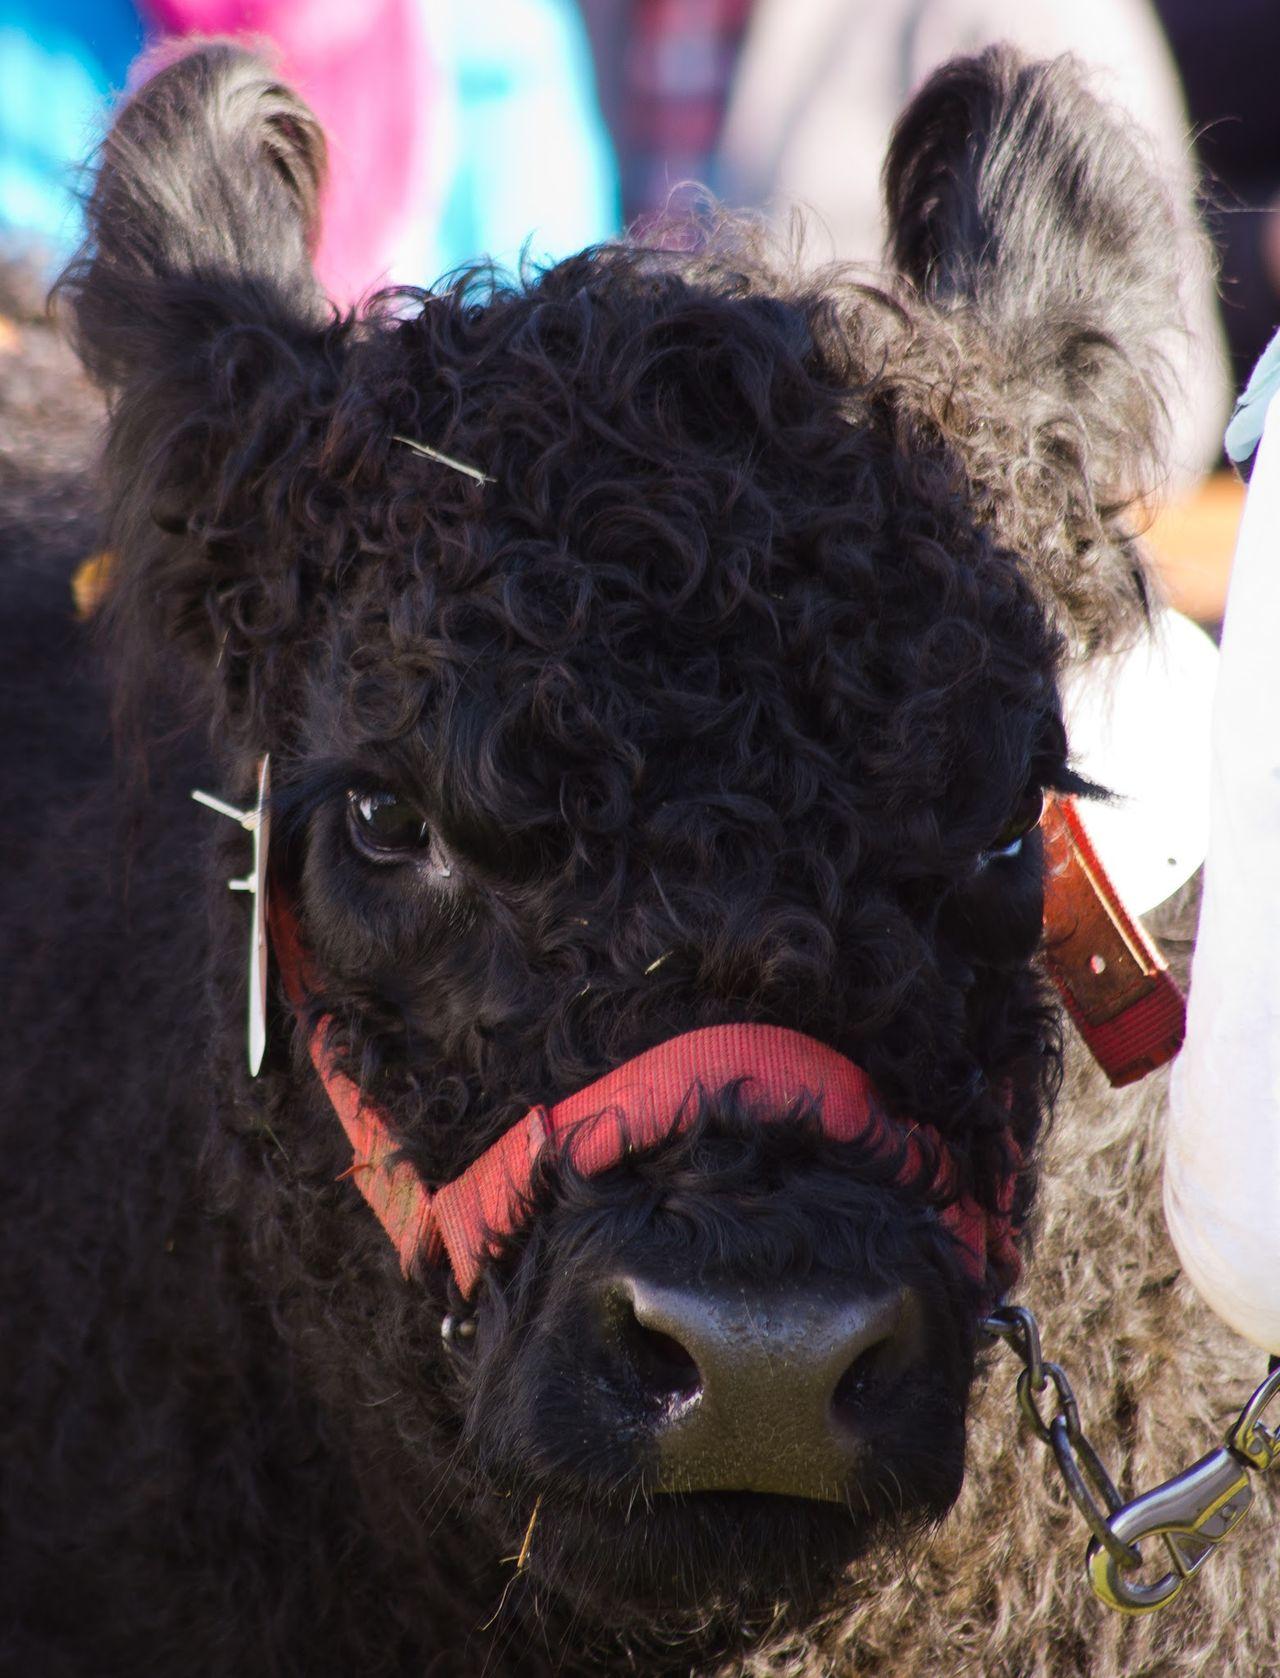 Viehmarkt RinderVieh Rindermarkt Rinder Rind Galloway Cow Hochheimer Markt Hochheim